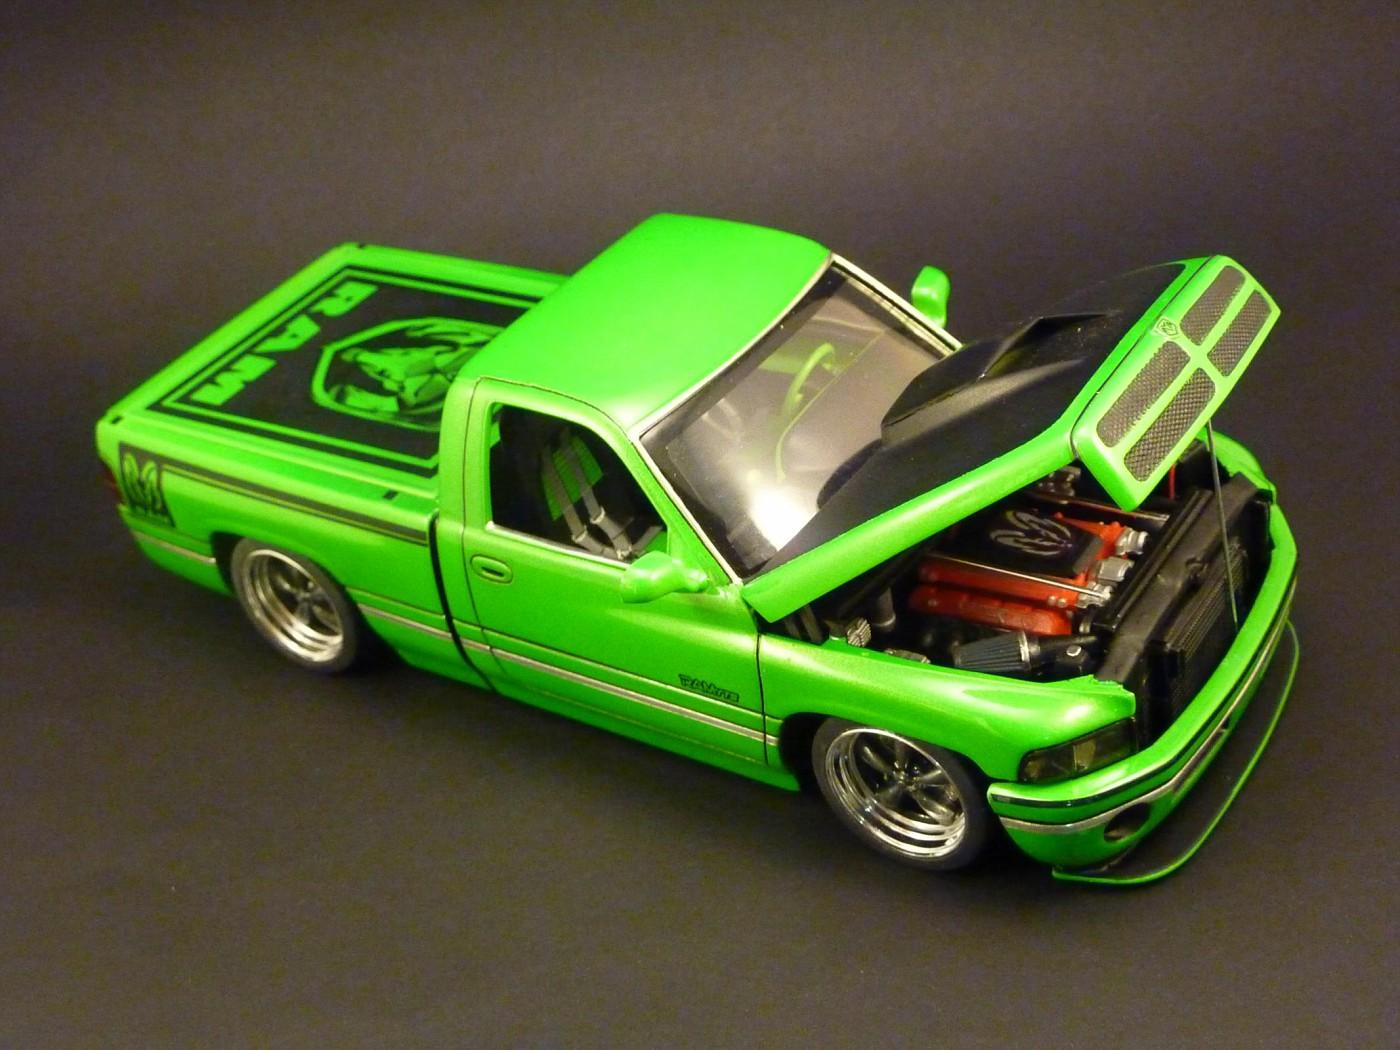 Chevy pickup 60 citerne texaco terminé - Page 3 Photo10-vi